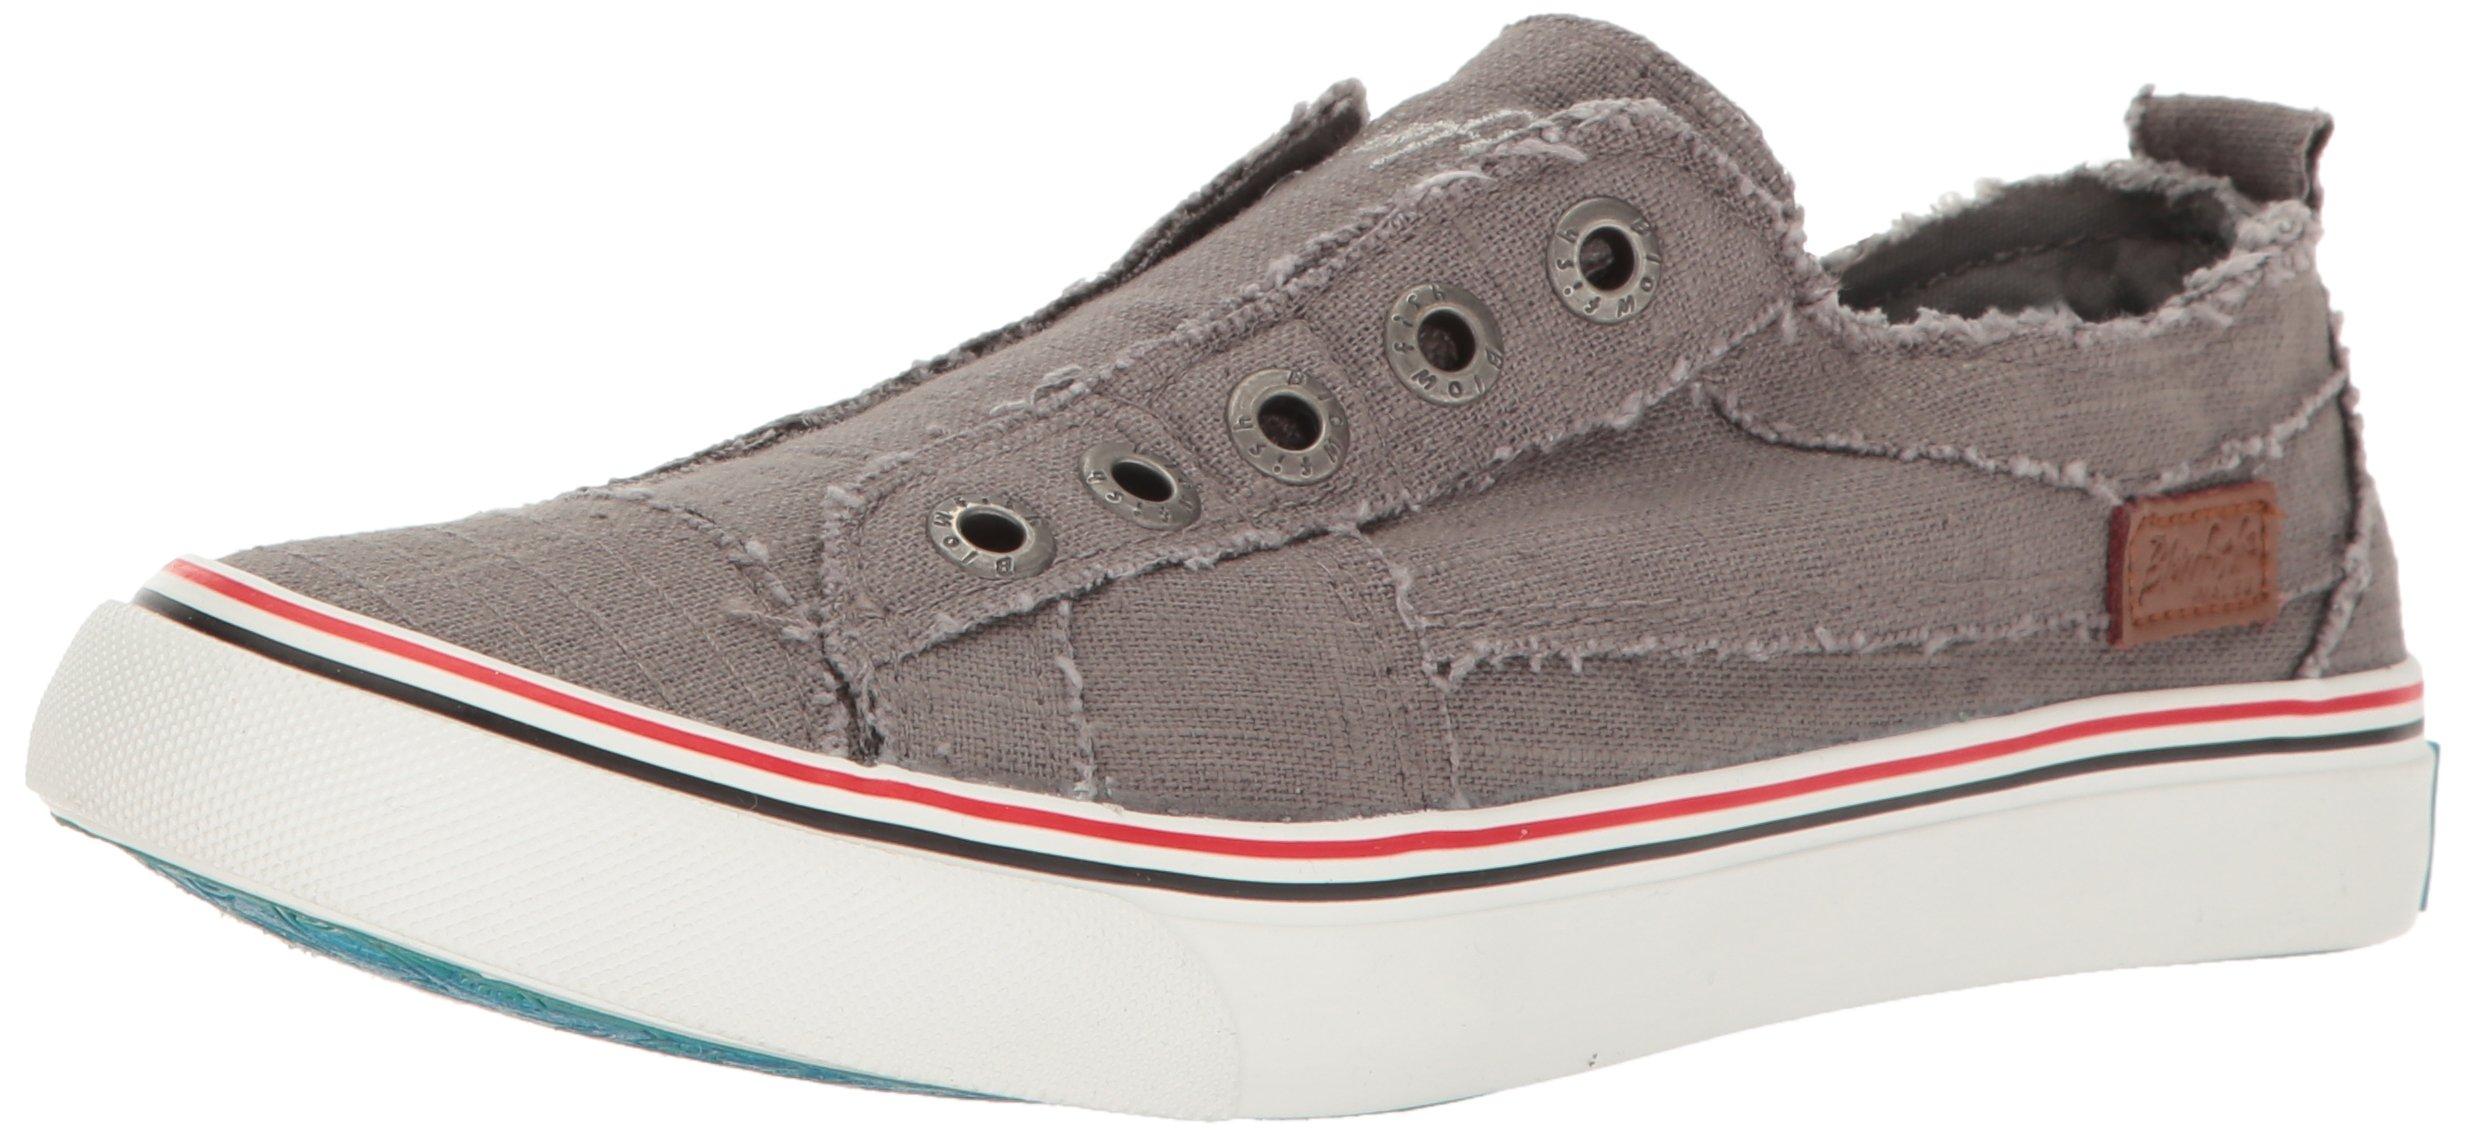 Blowfish Women's Play Sneaker, Grey, 10 Medium US